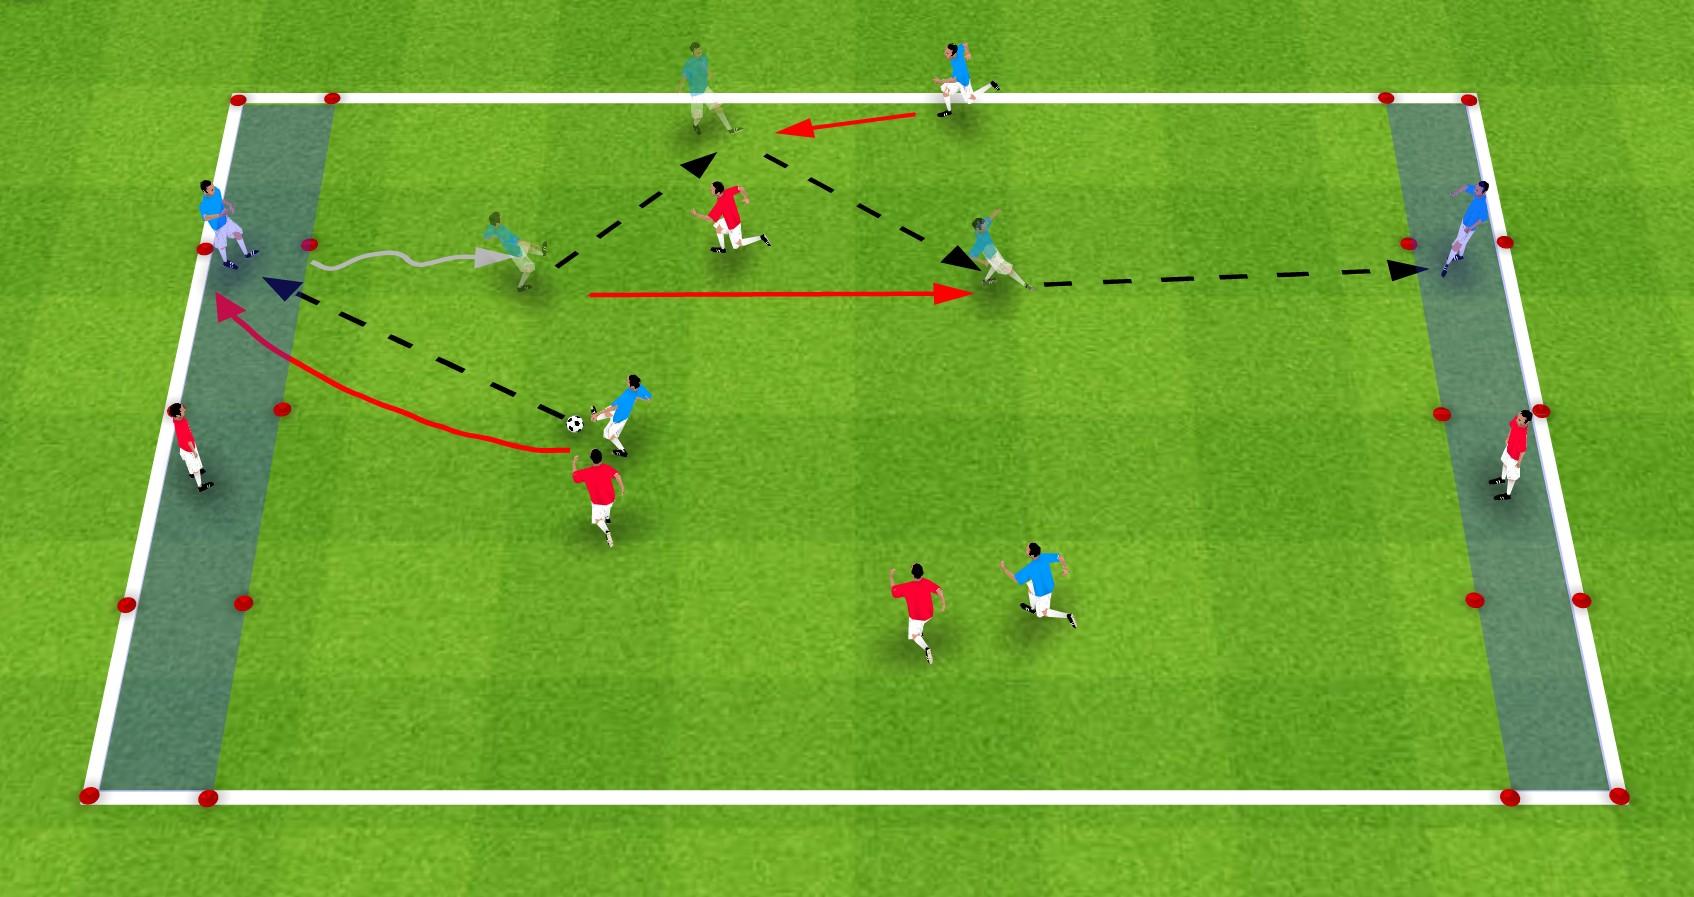 足球教案:迅速提高球员配合射门能力的训练方